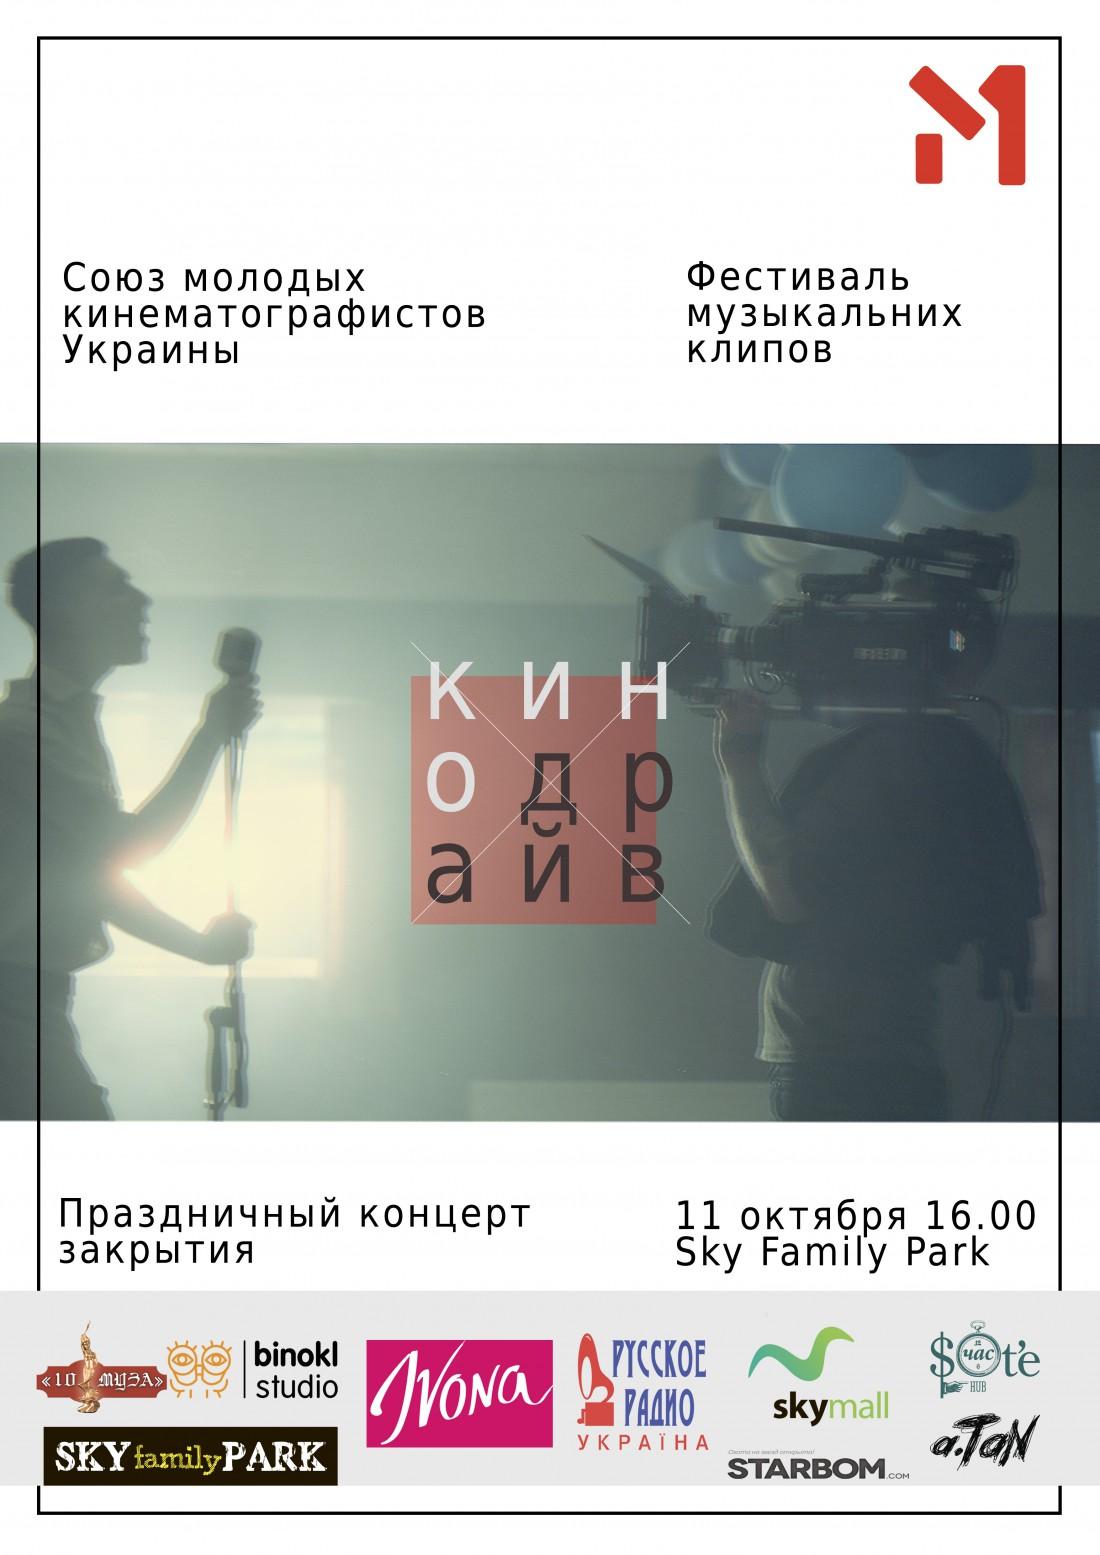 Афиша Кино-Драйв